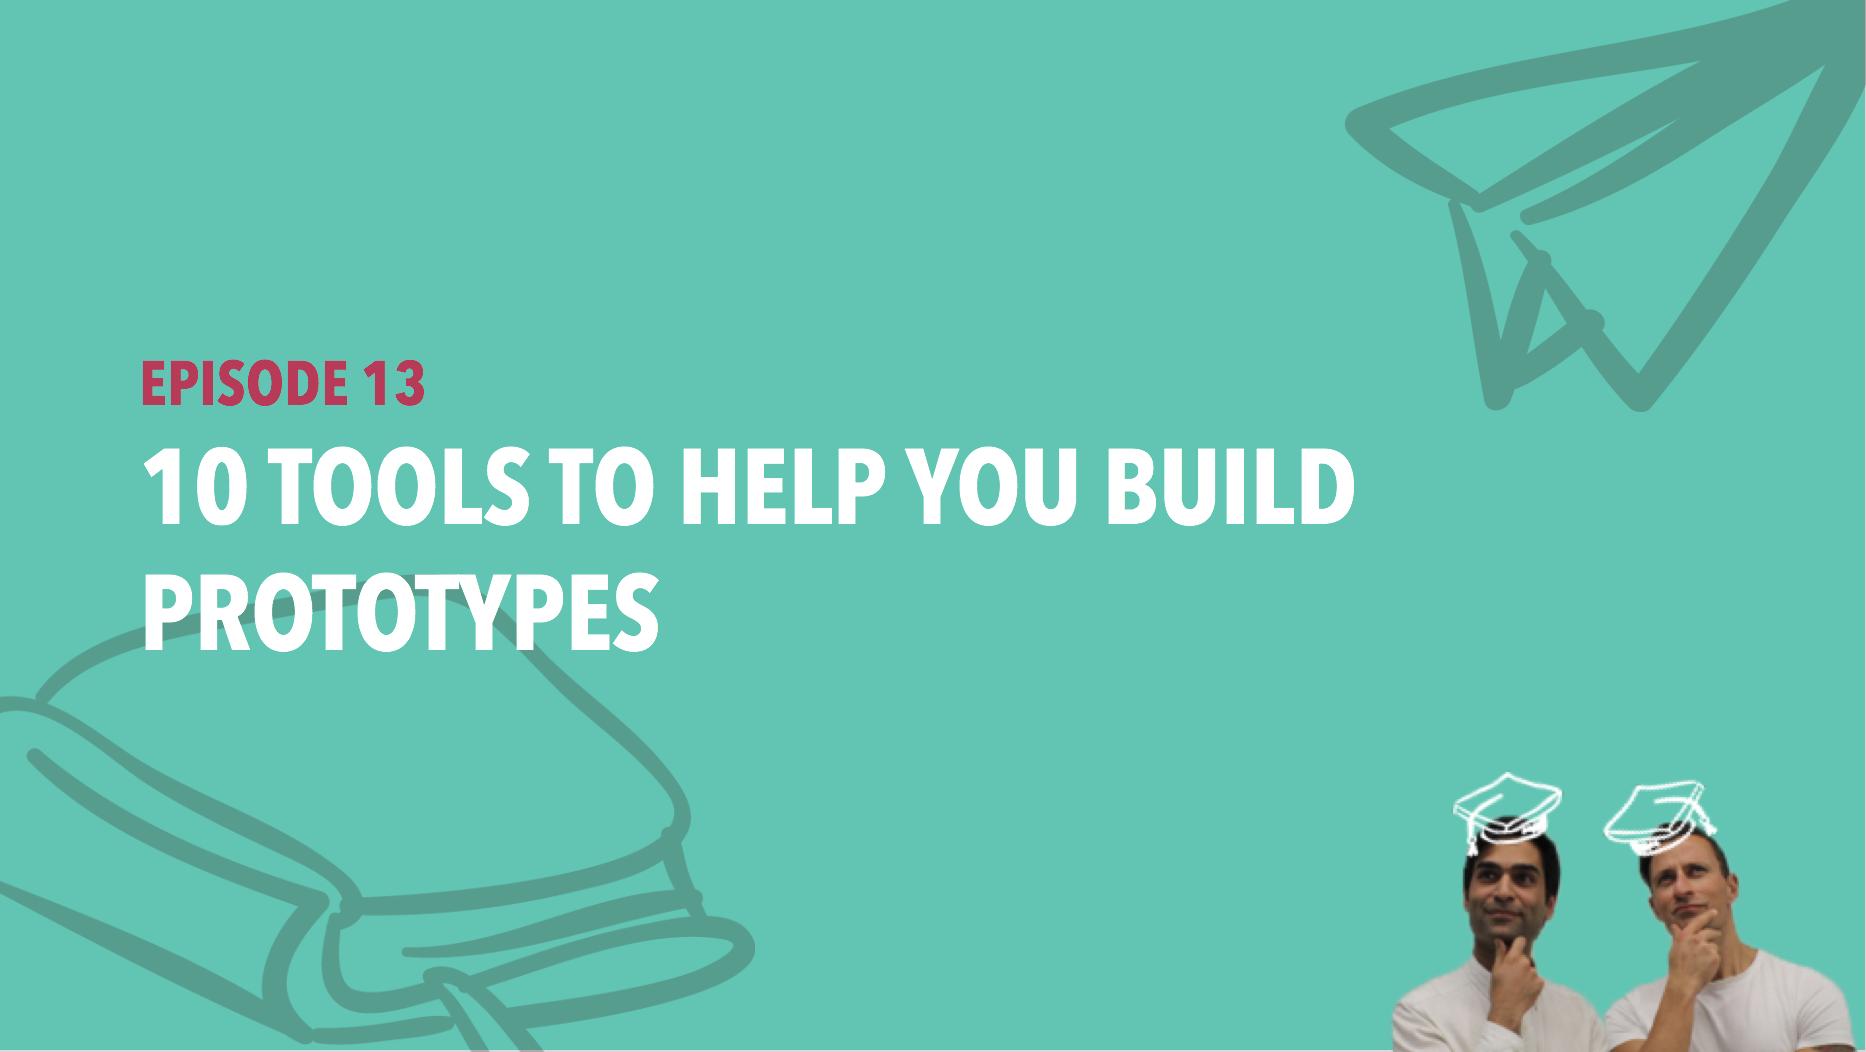 CiSchool Episode #013: 10 Tools to Help you Build Prototypes